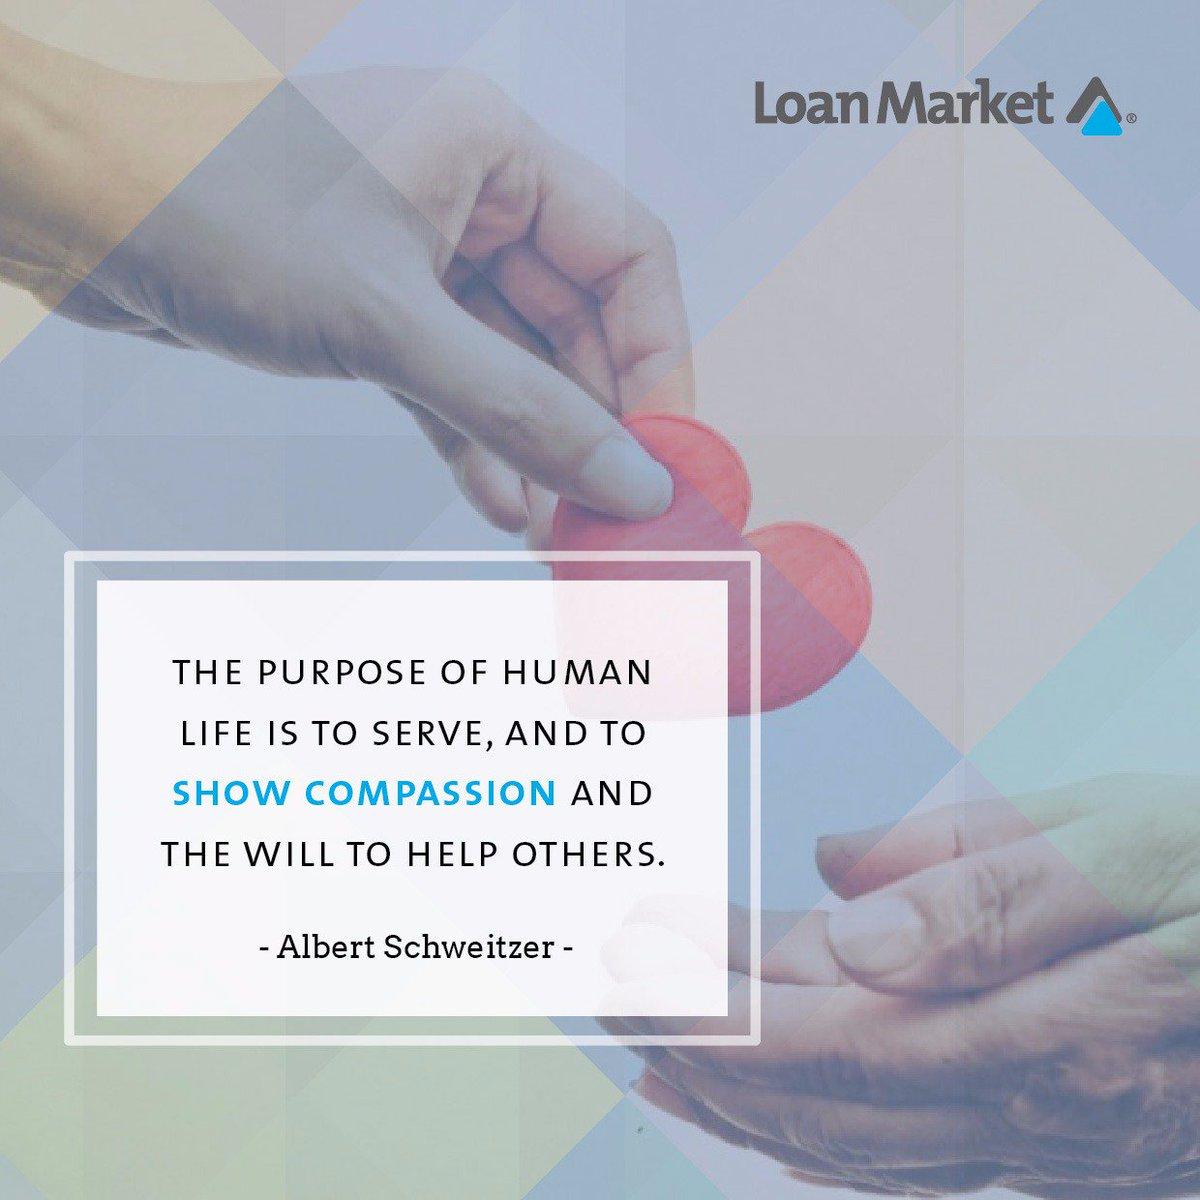 Good Morning my dear friends!  Sari's quote of the day!  Tujuan hidup manusia adalah untuk melayani, dan untuk menunjukkan belas kasihan dan kemauan untuk membantu orang lain.  Have a fantastic & blessed Wednesday friends #loanmarketindonesia #loanmarket #loanadviserpic.twitter.com/XZGBSXXMq1